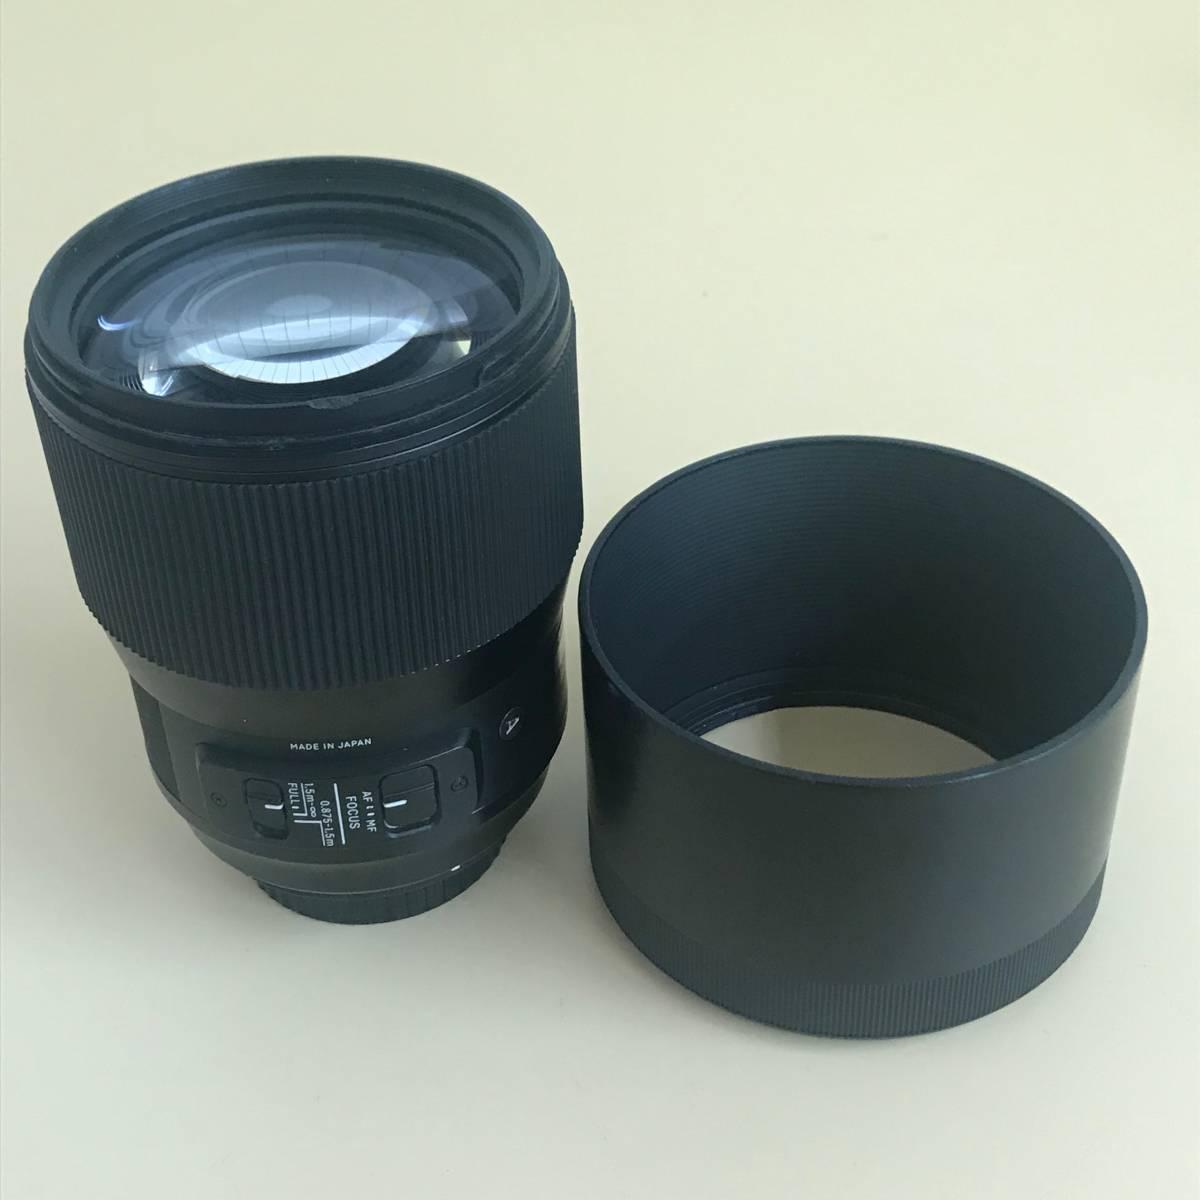 SIGMA シグマ 135mm f1.8 DG HSM Canon用_画像3